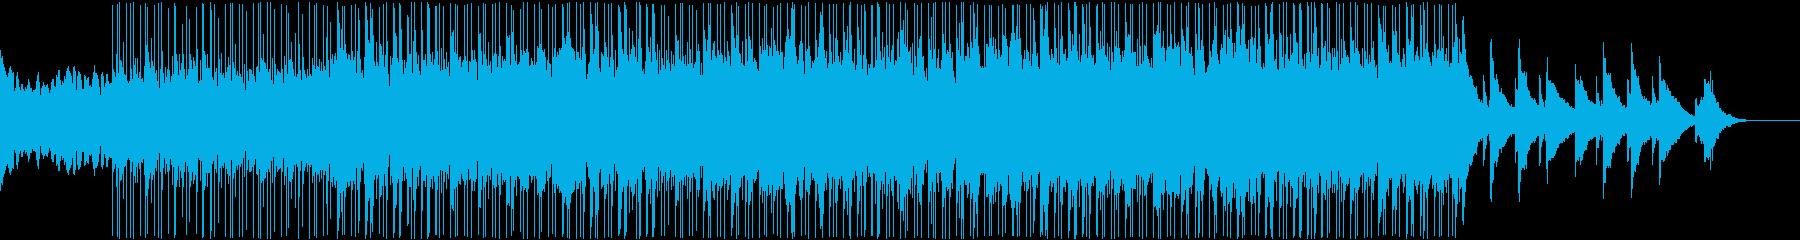 瞑想に使えそうなヒーリングミュージックの再生済みの波形